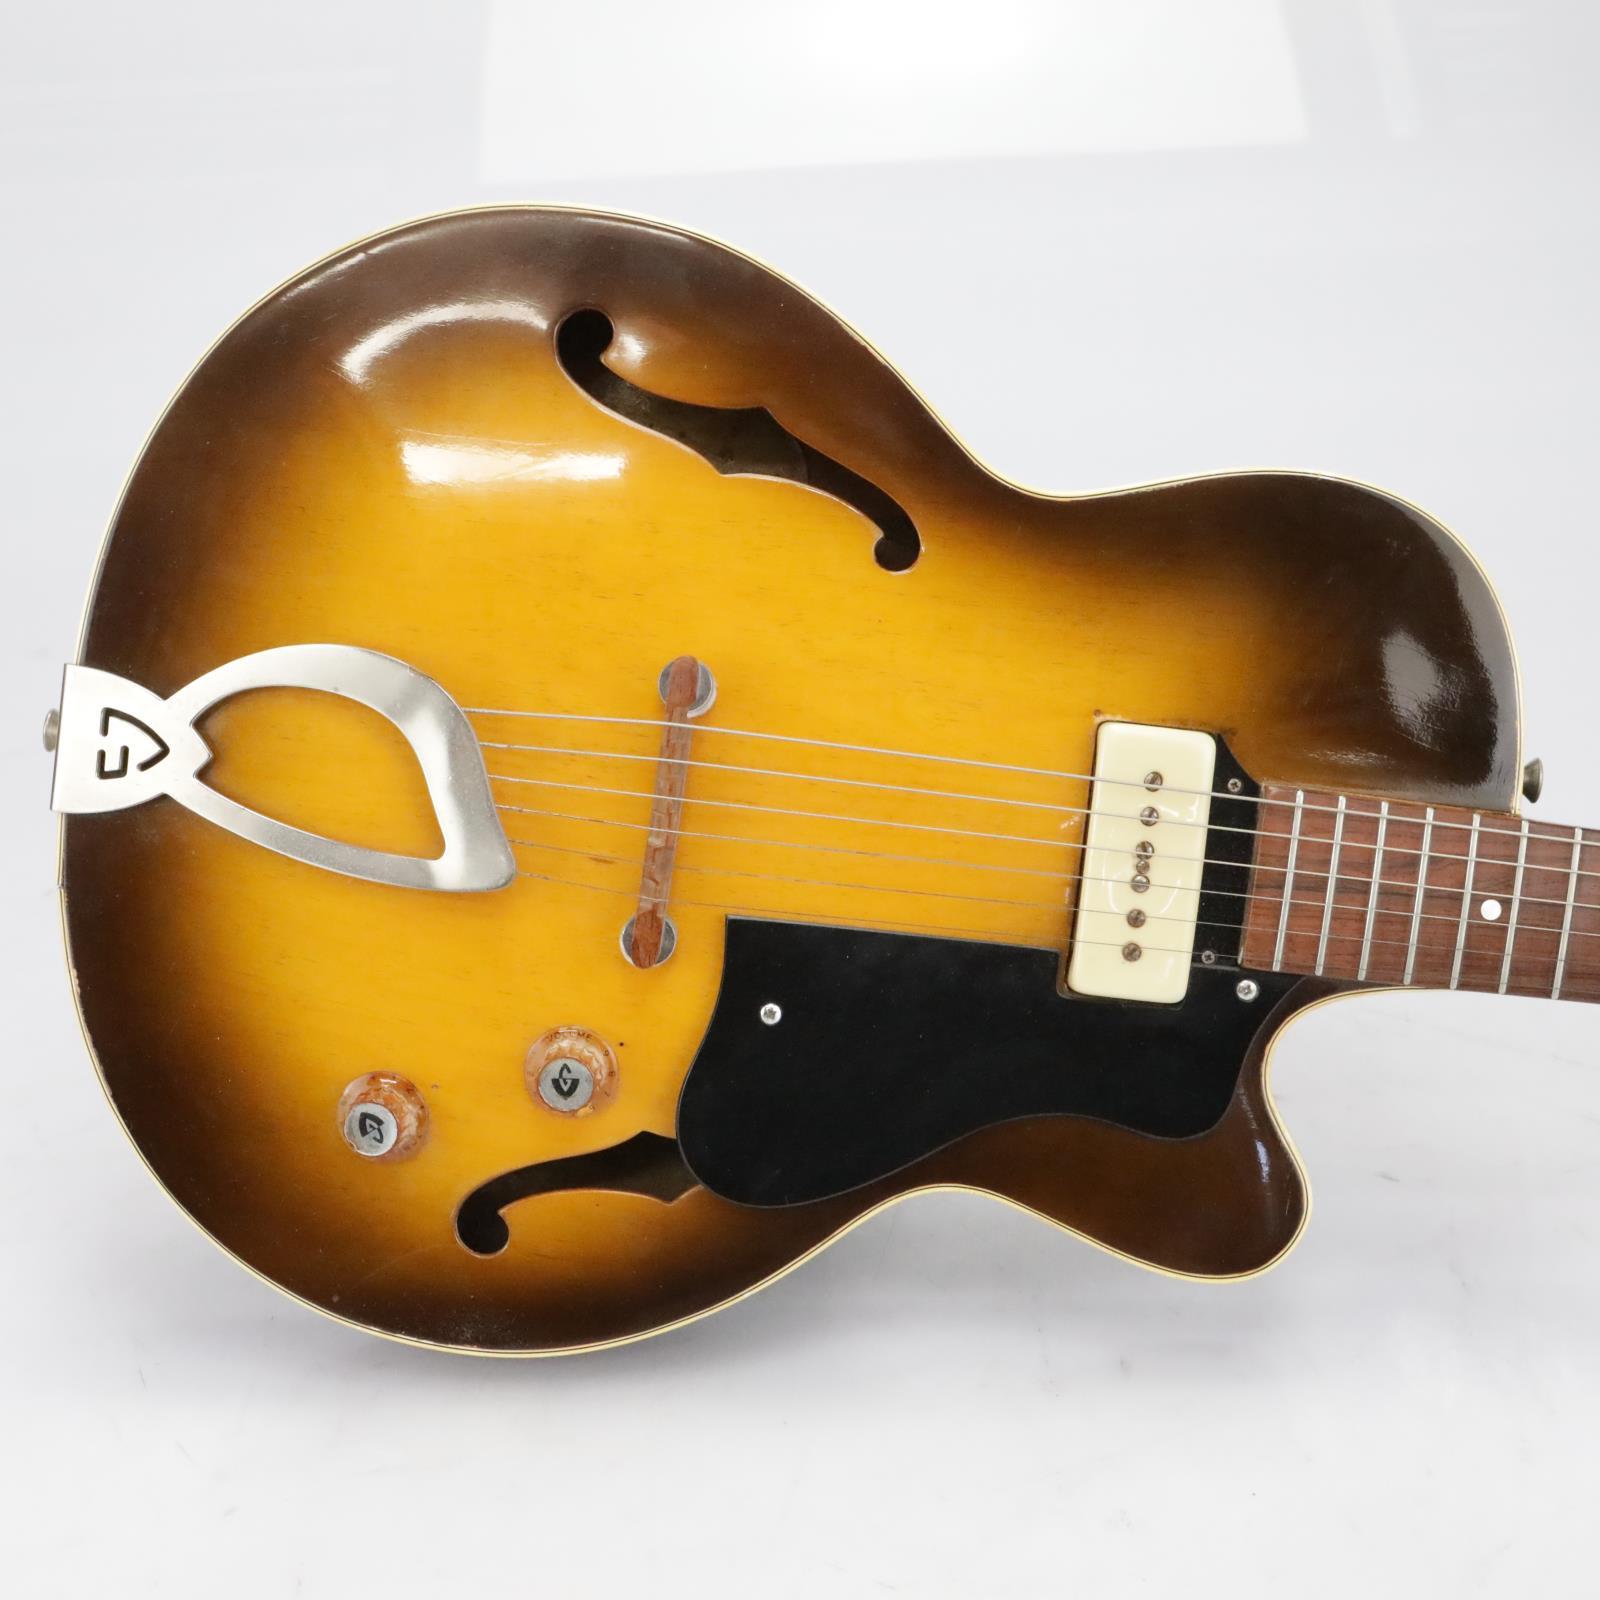 1960 Guild M-65 Hollow Body 3/4 Size Electric Guitar Sunburst #40518